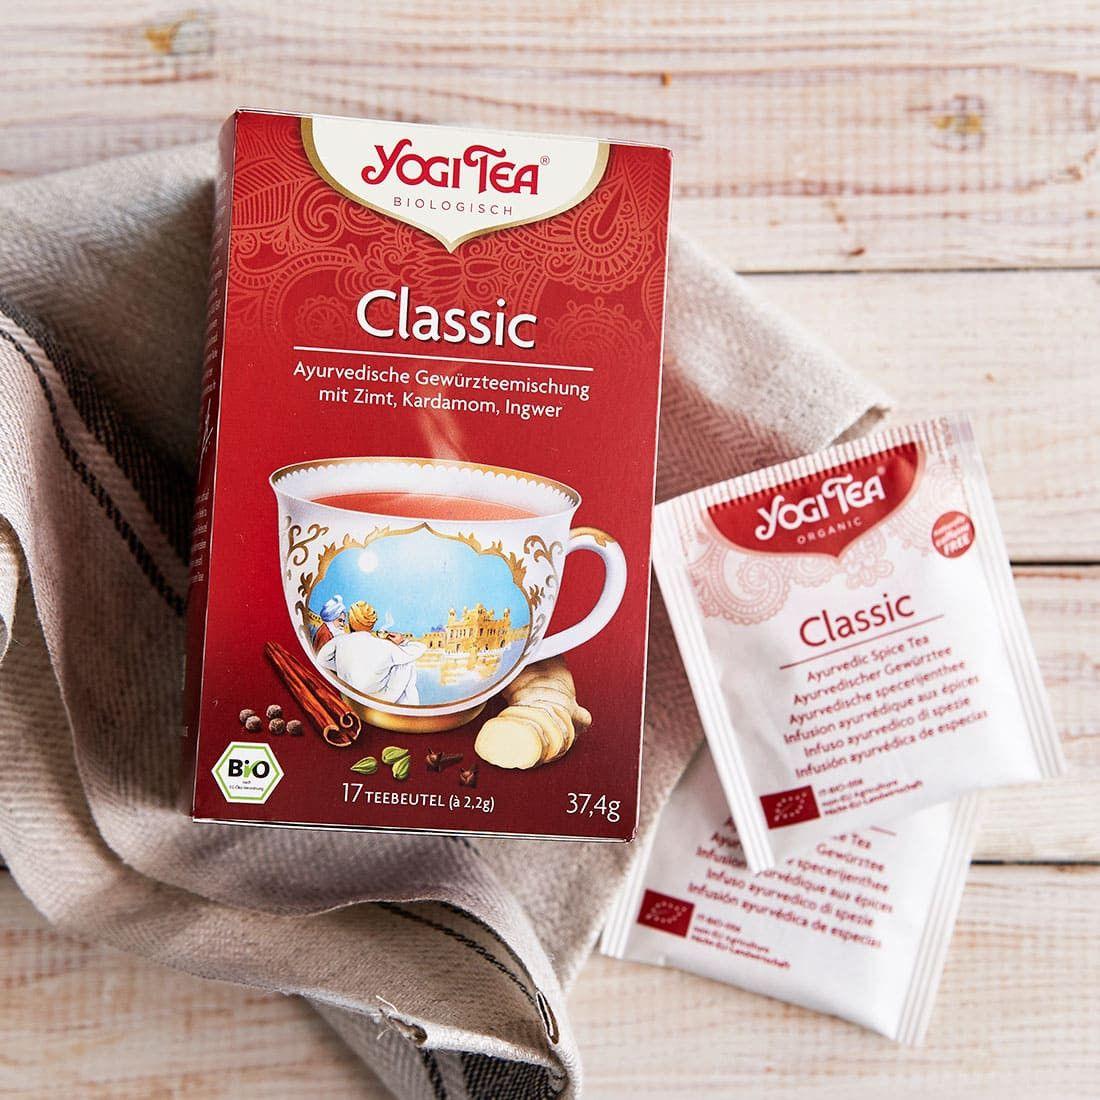 [Amazon] Tee für ganz Geduldige: 5x Yogi Tea Classic Bio für nur 7,20€   Stückpreis 1,44€ statt 2,85€   Lieferzeit 1 - 2 Monate